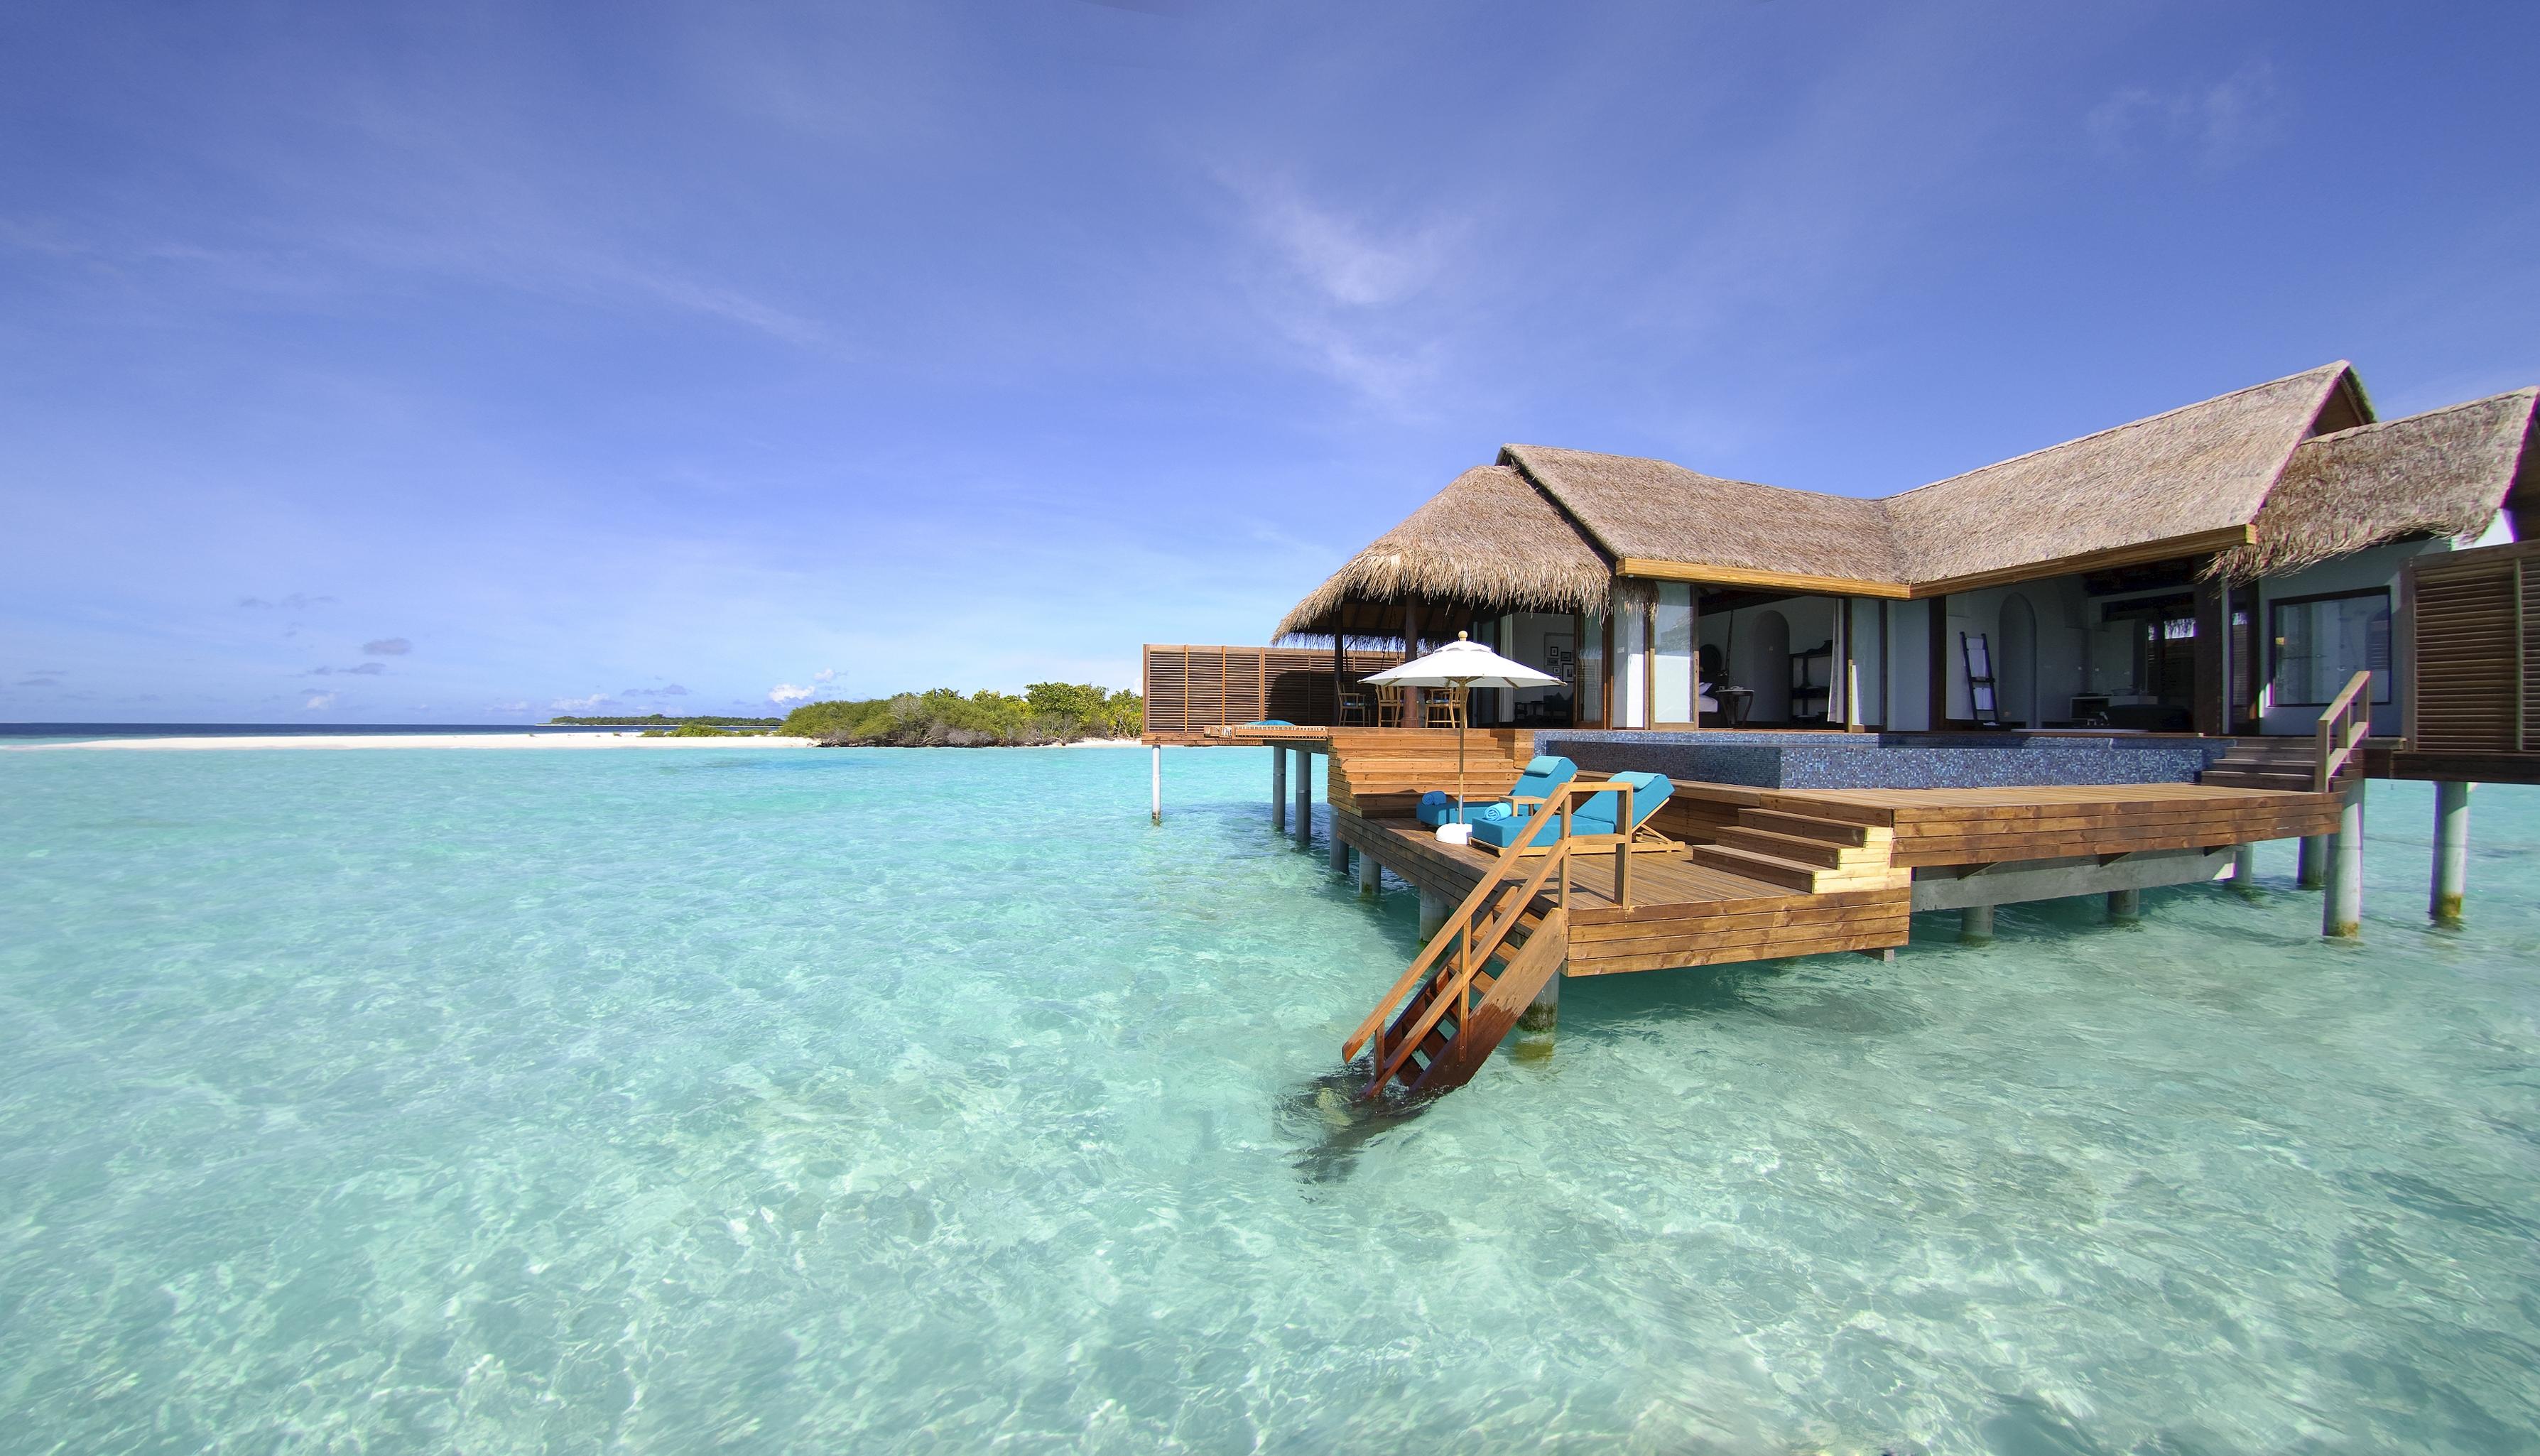 134241 Hintergrundbild 128x160 kostenlos auf deinem Handy, lade Bilder Natur, Tropen, Malediven, Bungalow 128x160 auf dein Handy herunter